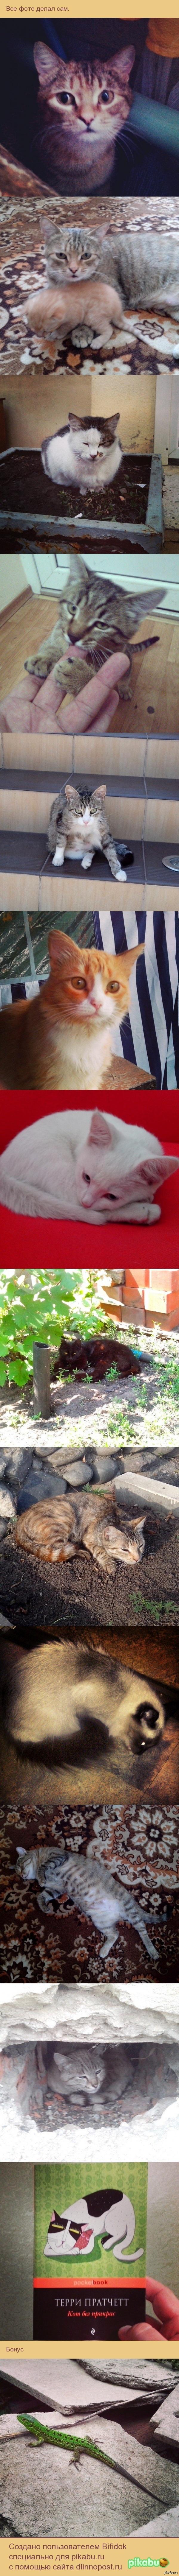 Кошки, которых я фотографировал. Instagram: Bobroed, если кому интересно.